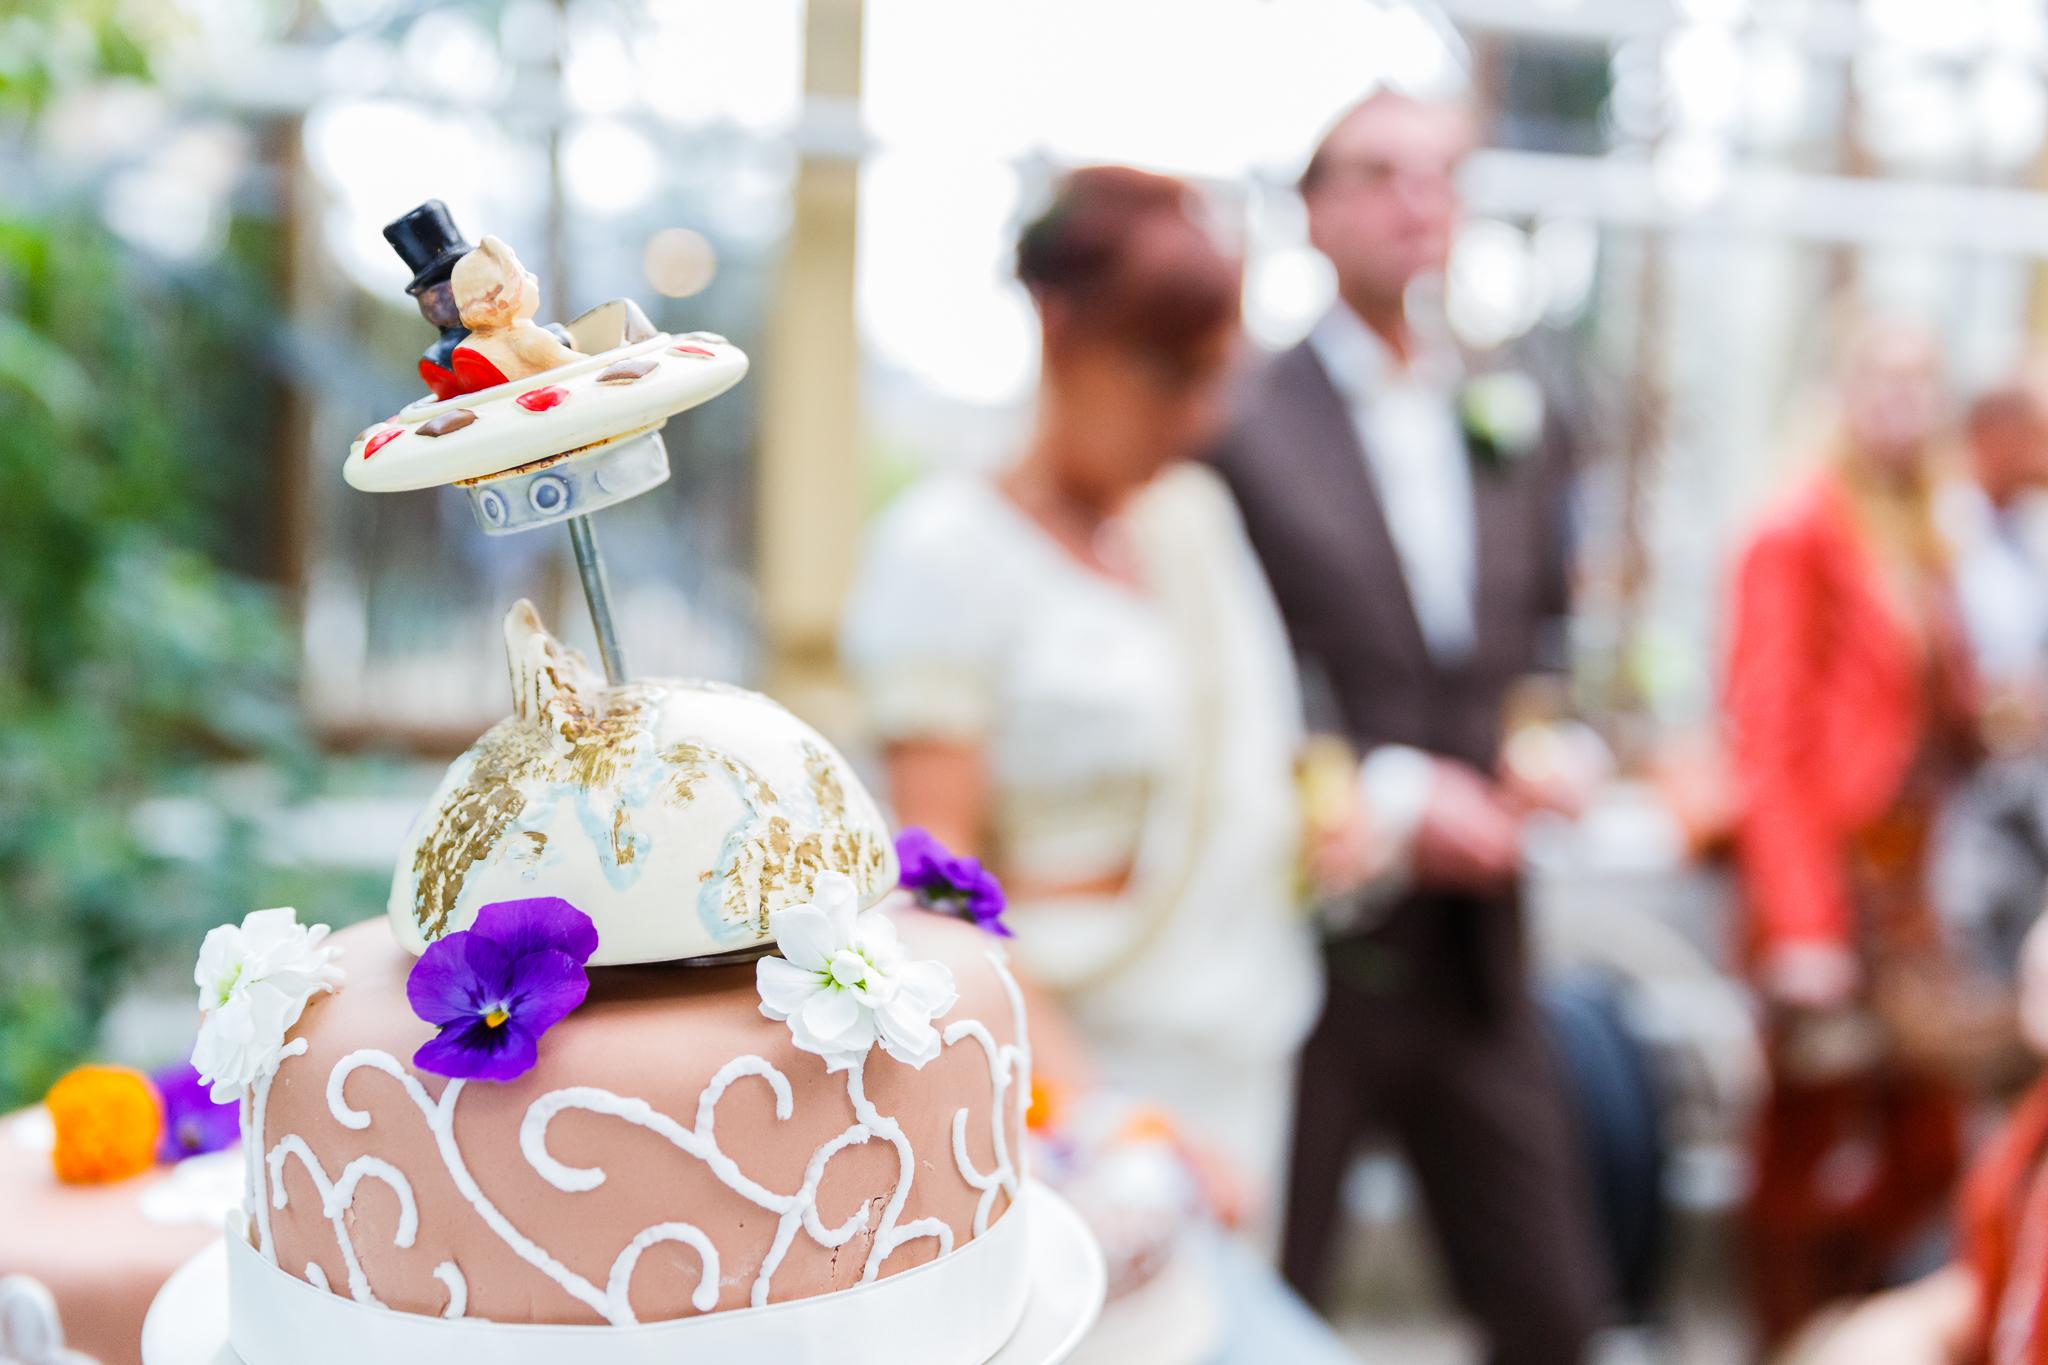 Wedding - YW8A2984.jpg